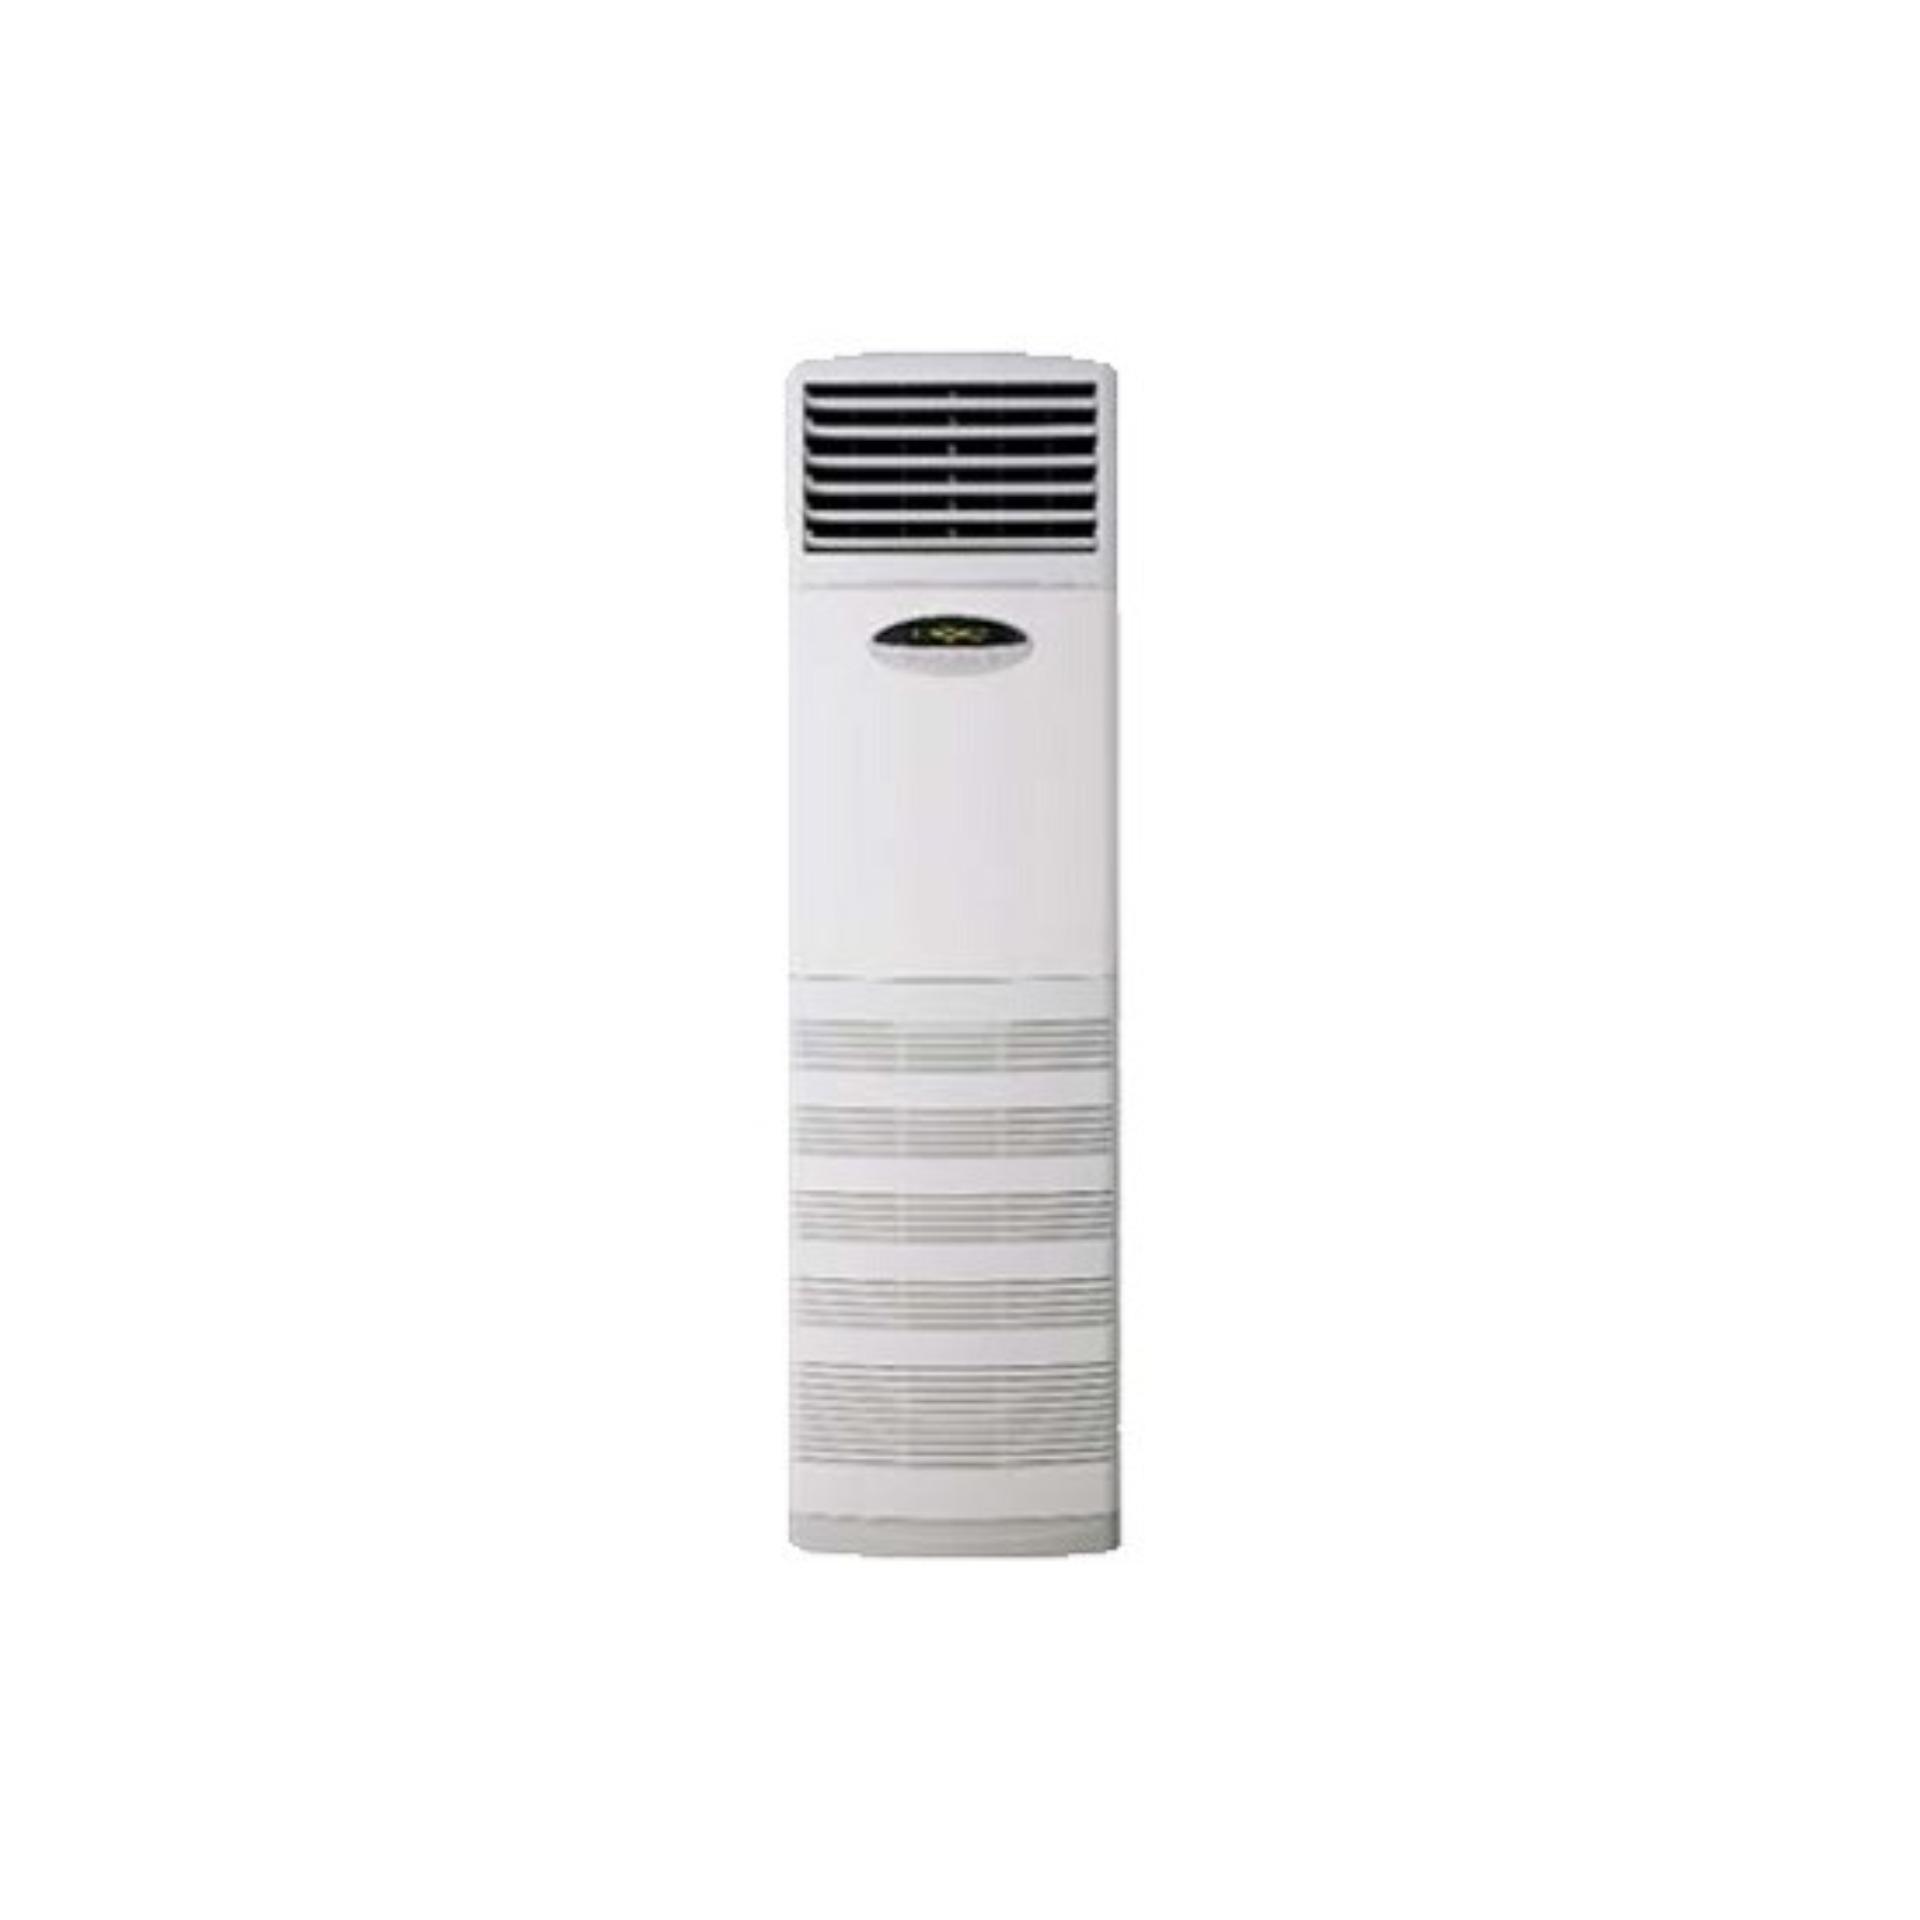 Điều hòa tủ đứng 1 chiều LG APNQ24GS1A3 - 24.000BTU